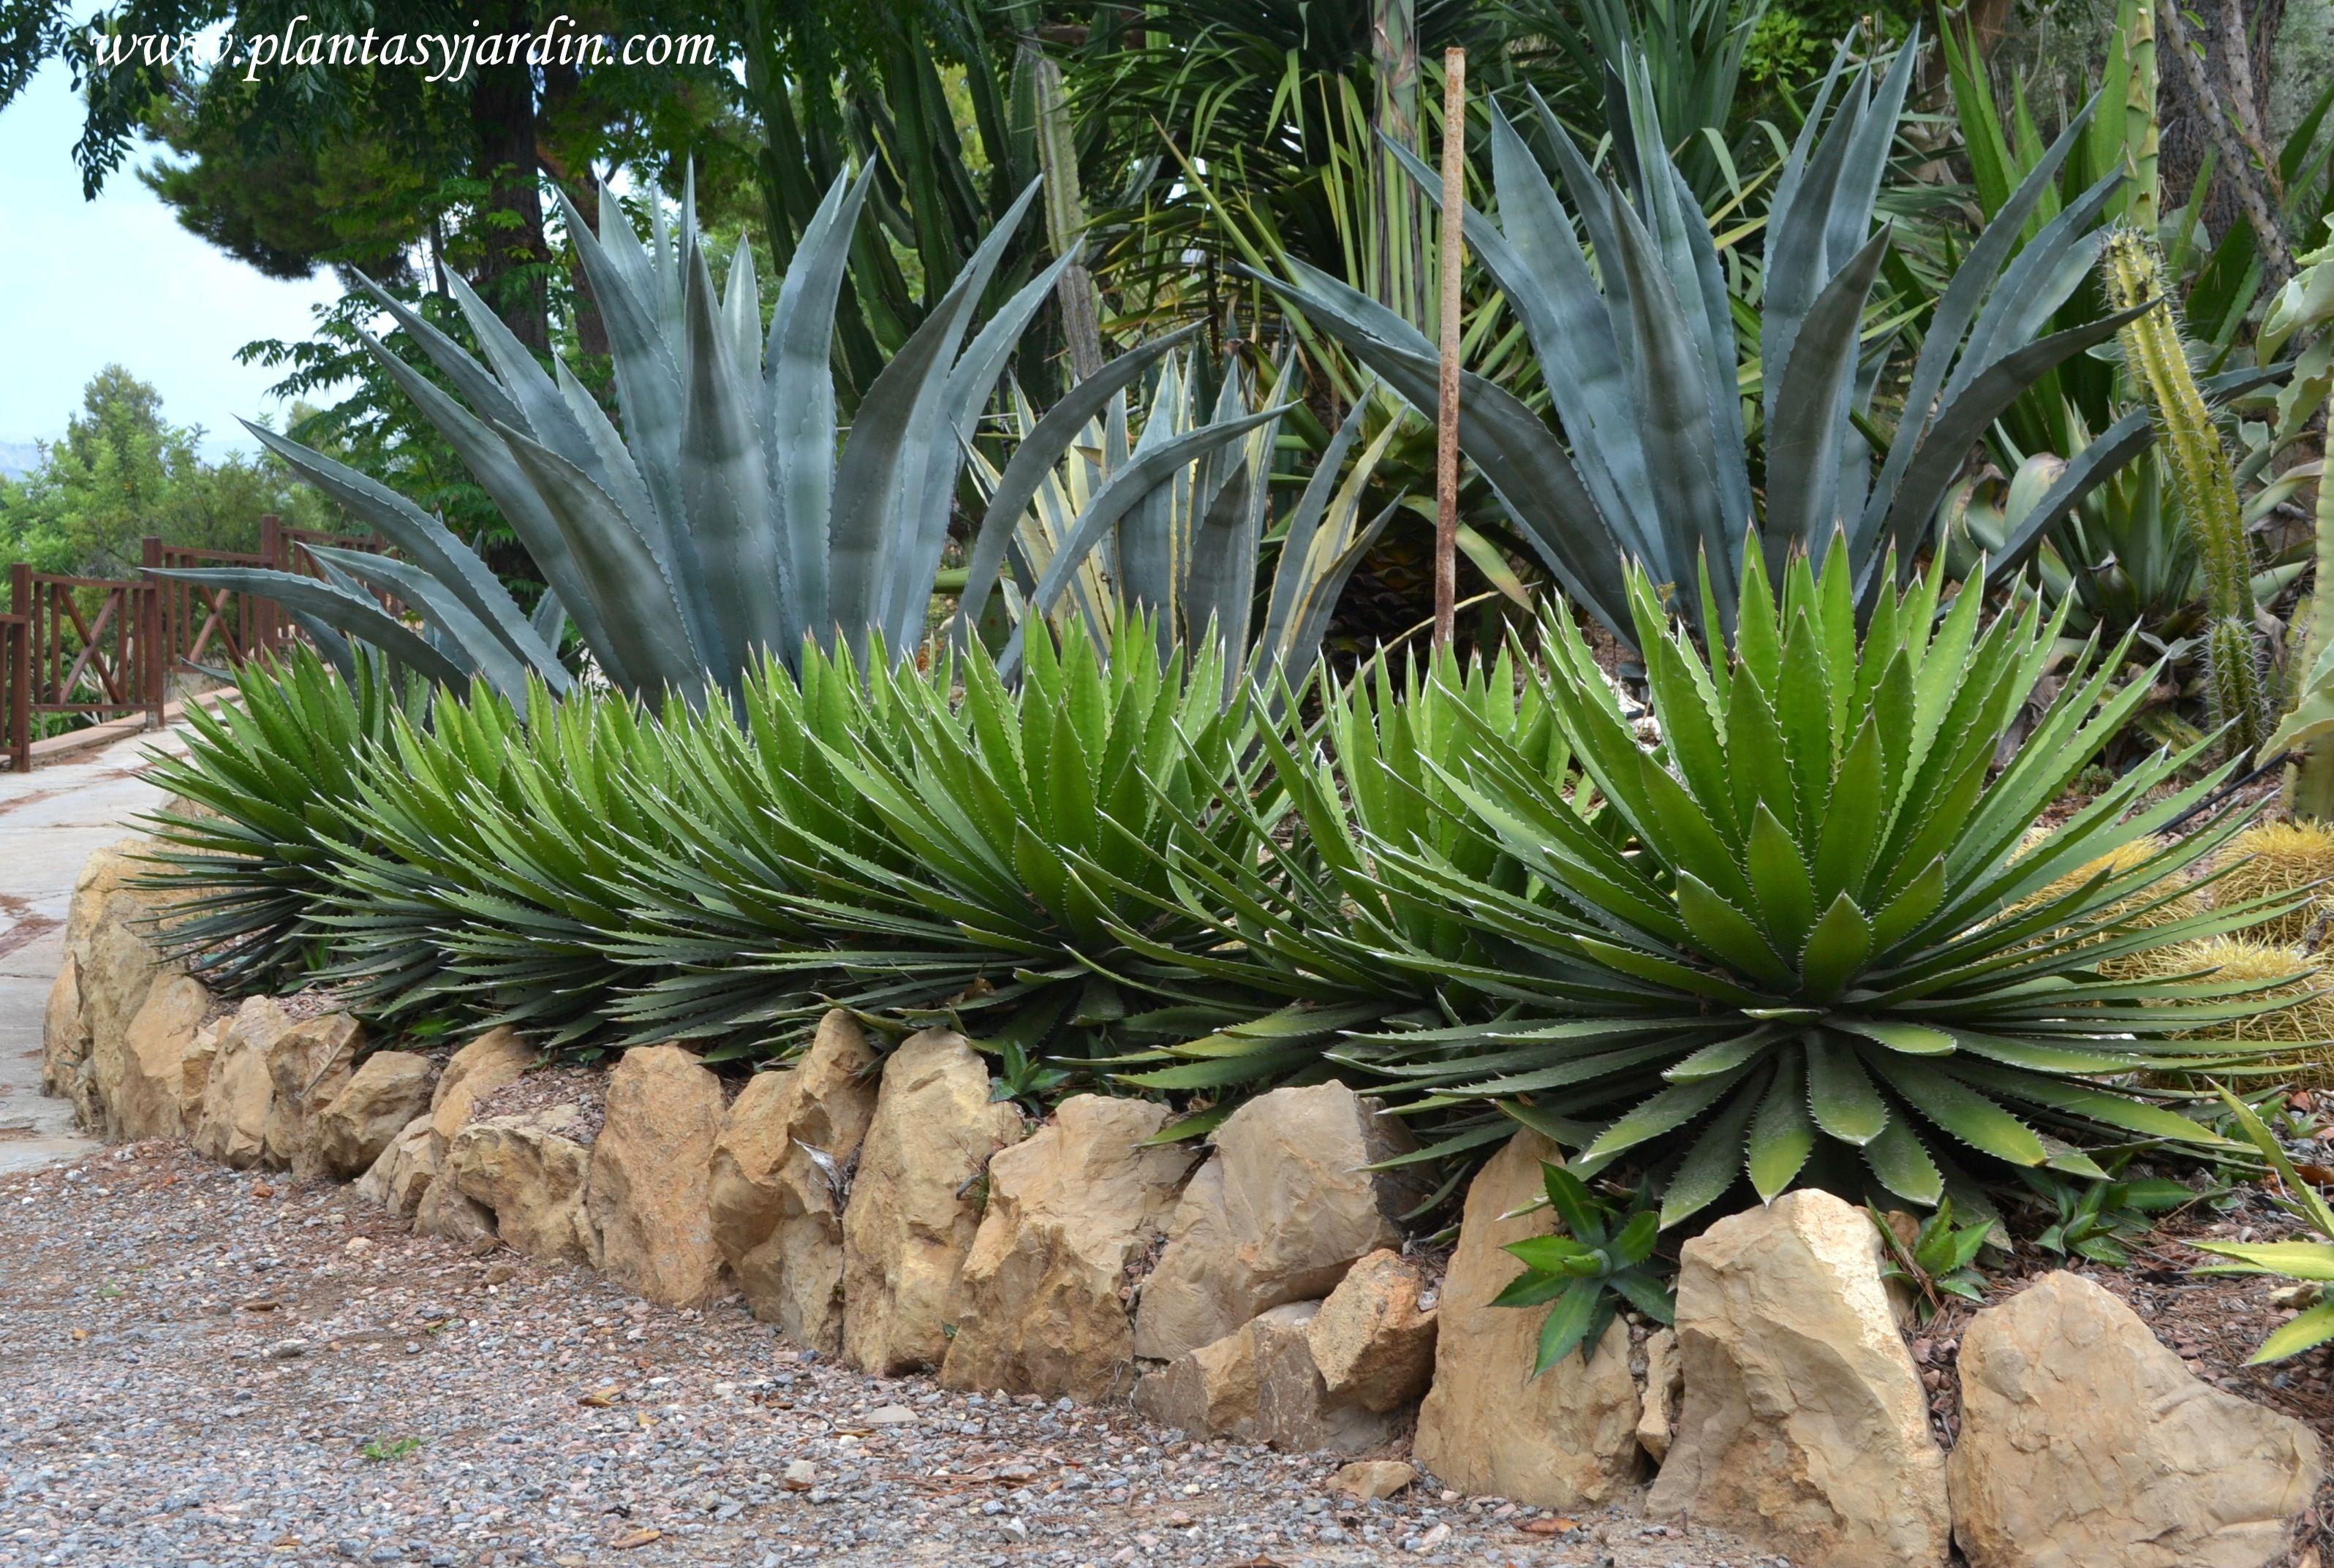 Los agaves son ideales para jardines xer filos de bajo for Matas de jardin